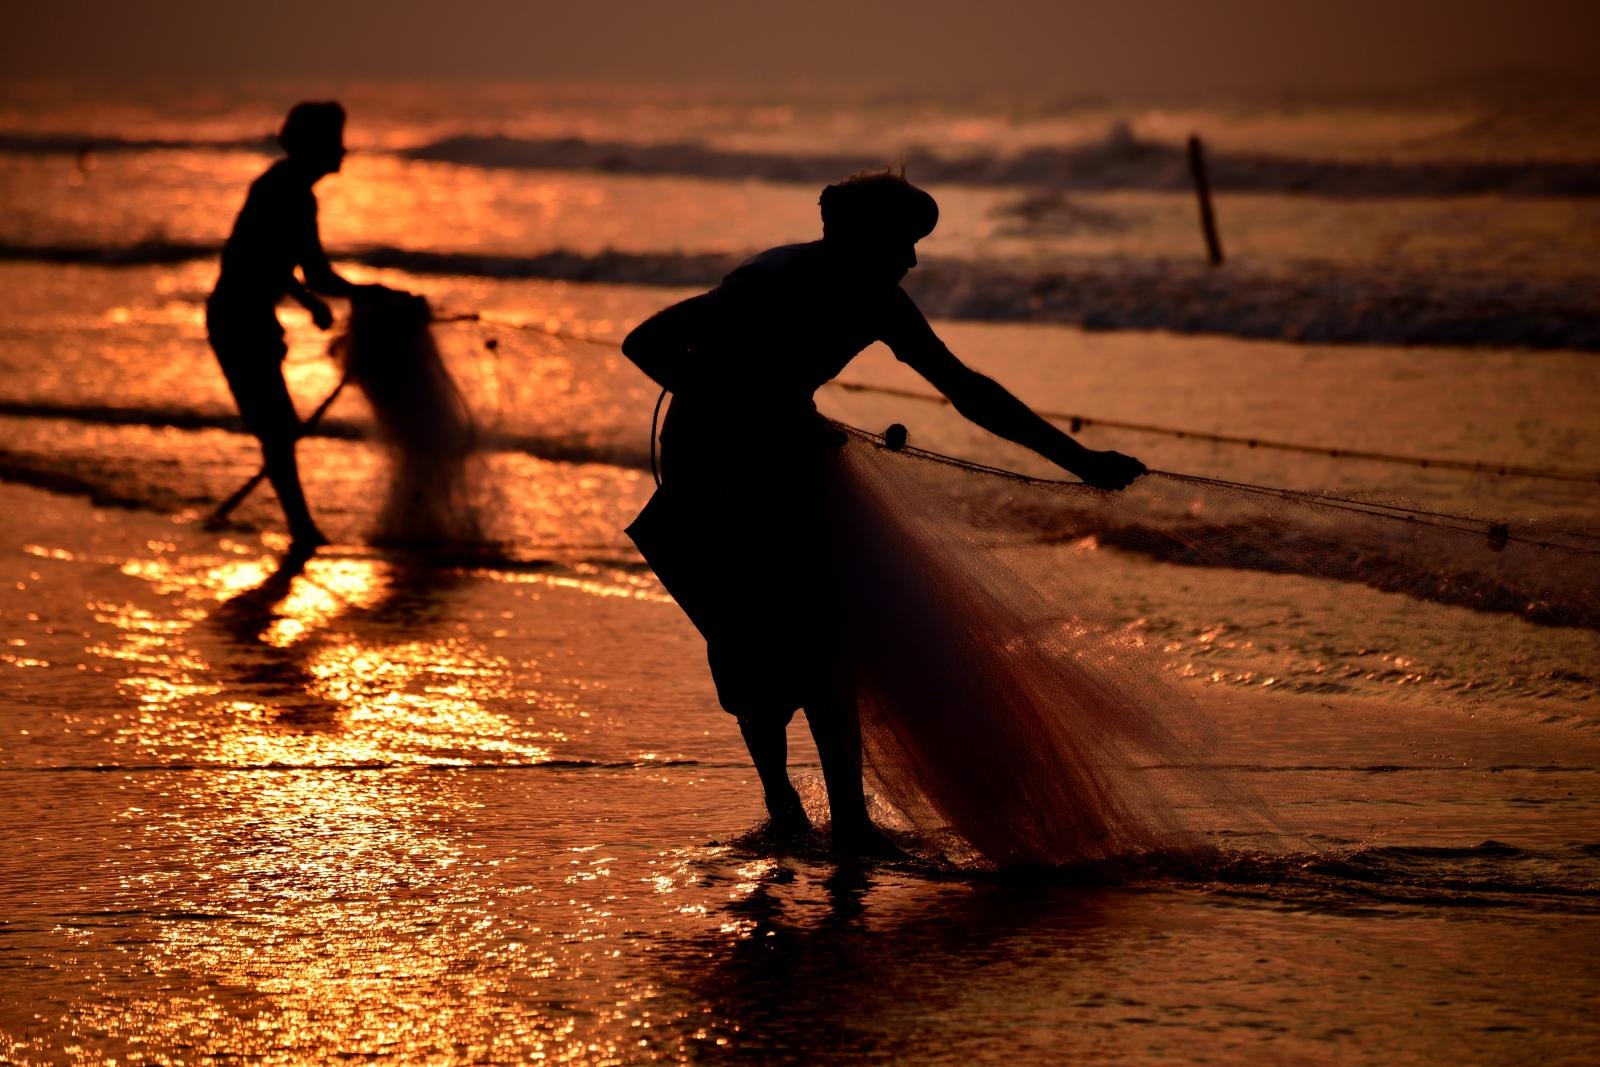 Photography image - Morning Fishing